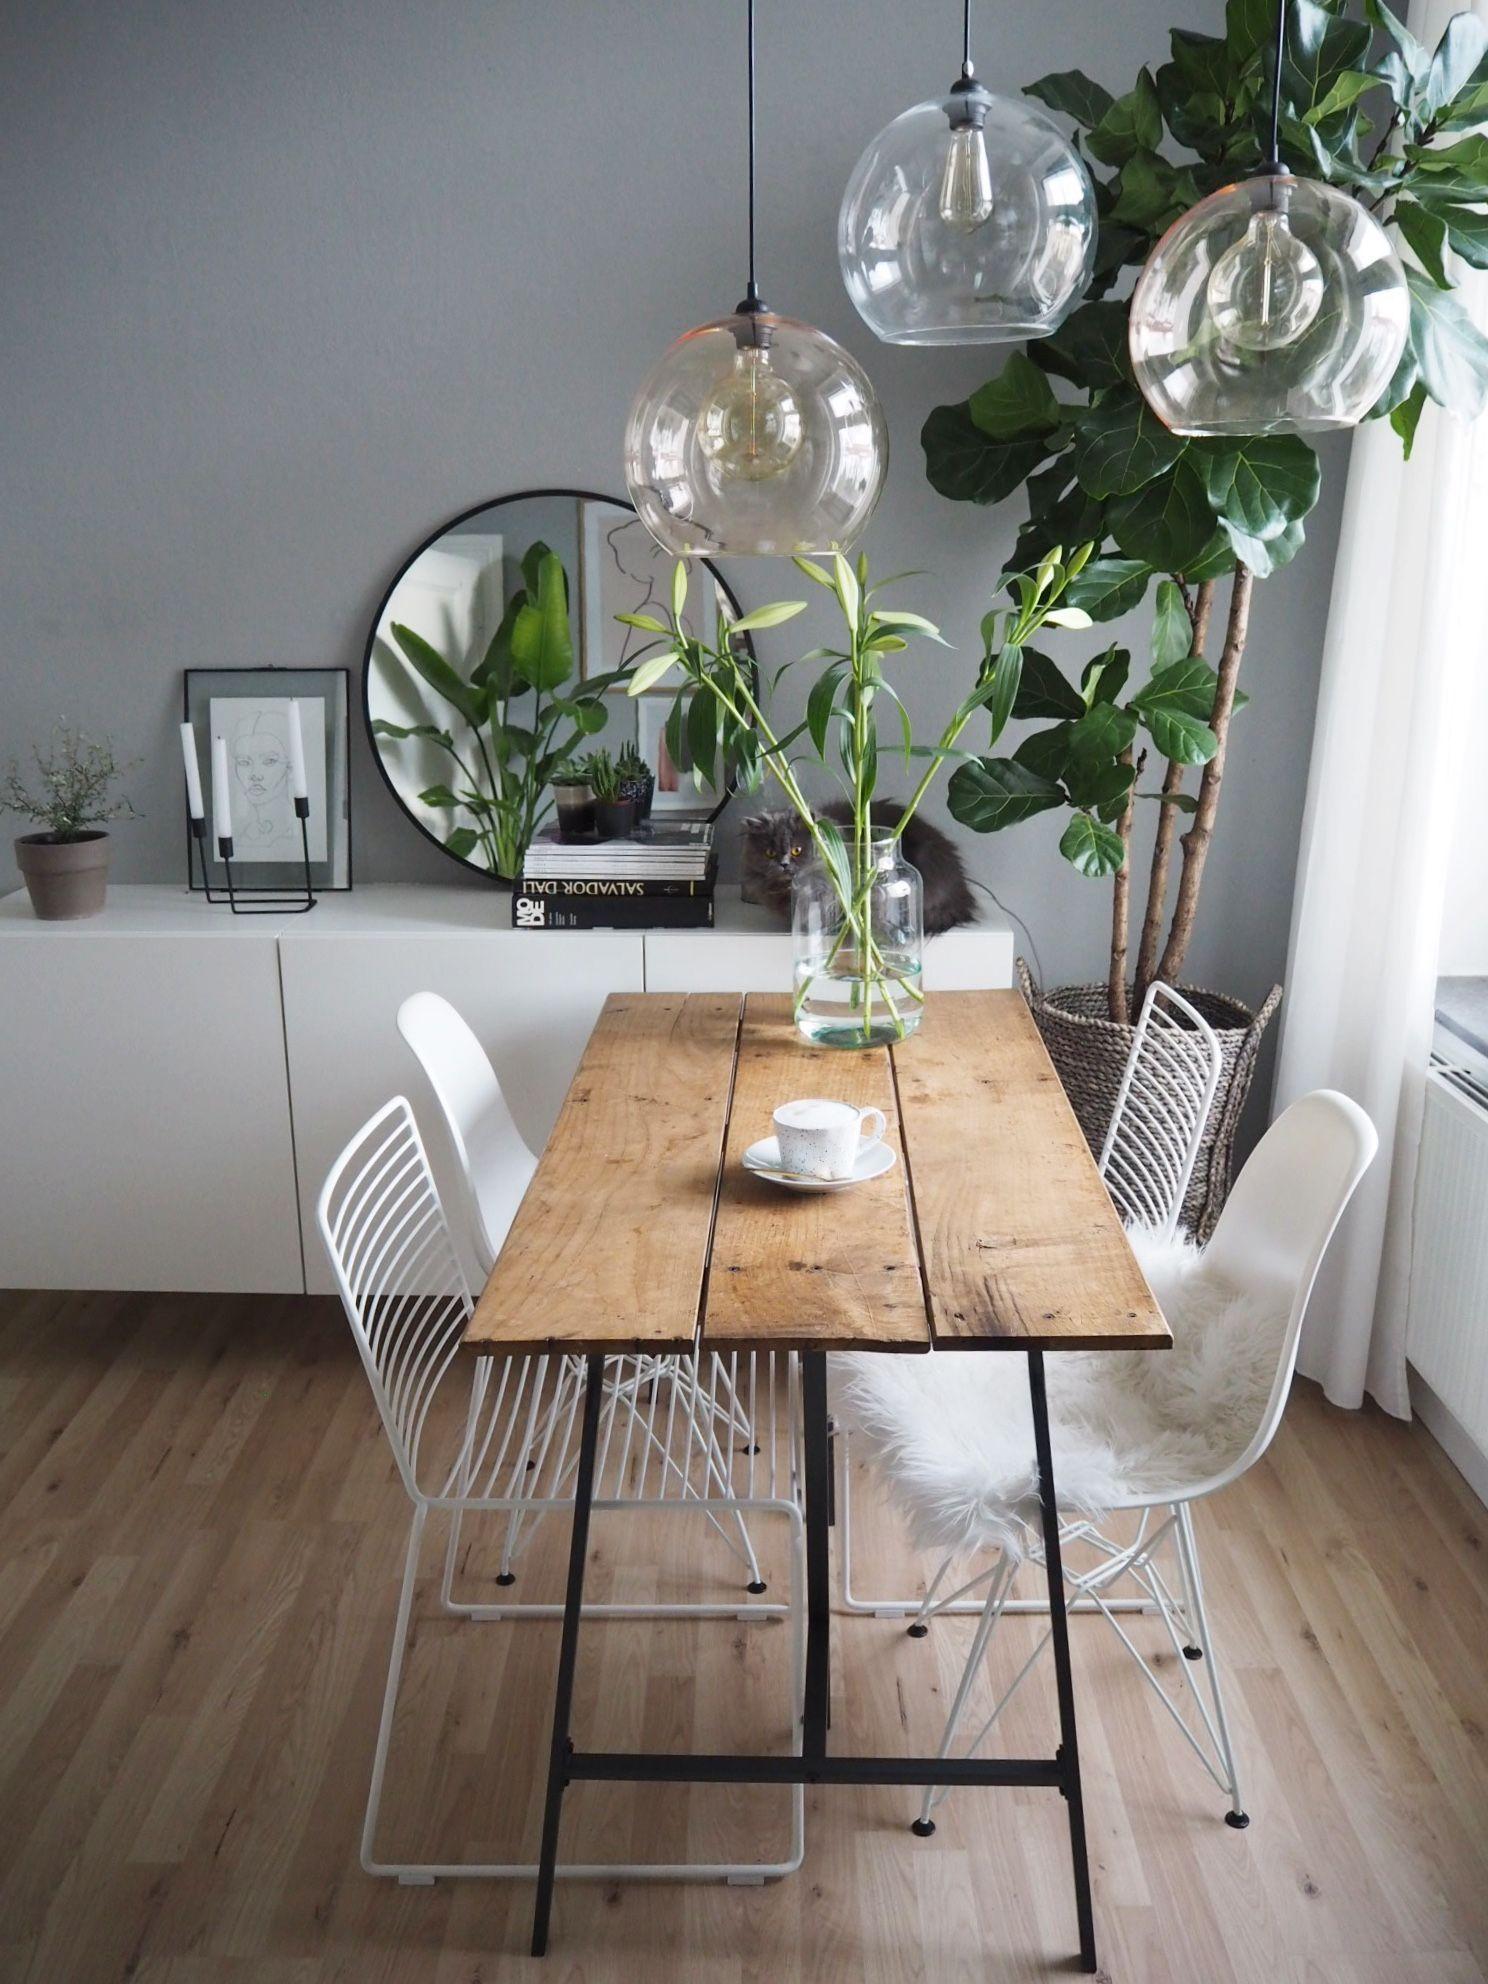 Hee Dining Chair Von Hay Connox Esszimmer Dekor Ideen Zimmer Dekor Ideen Tisch Dekorieren